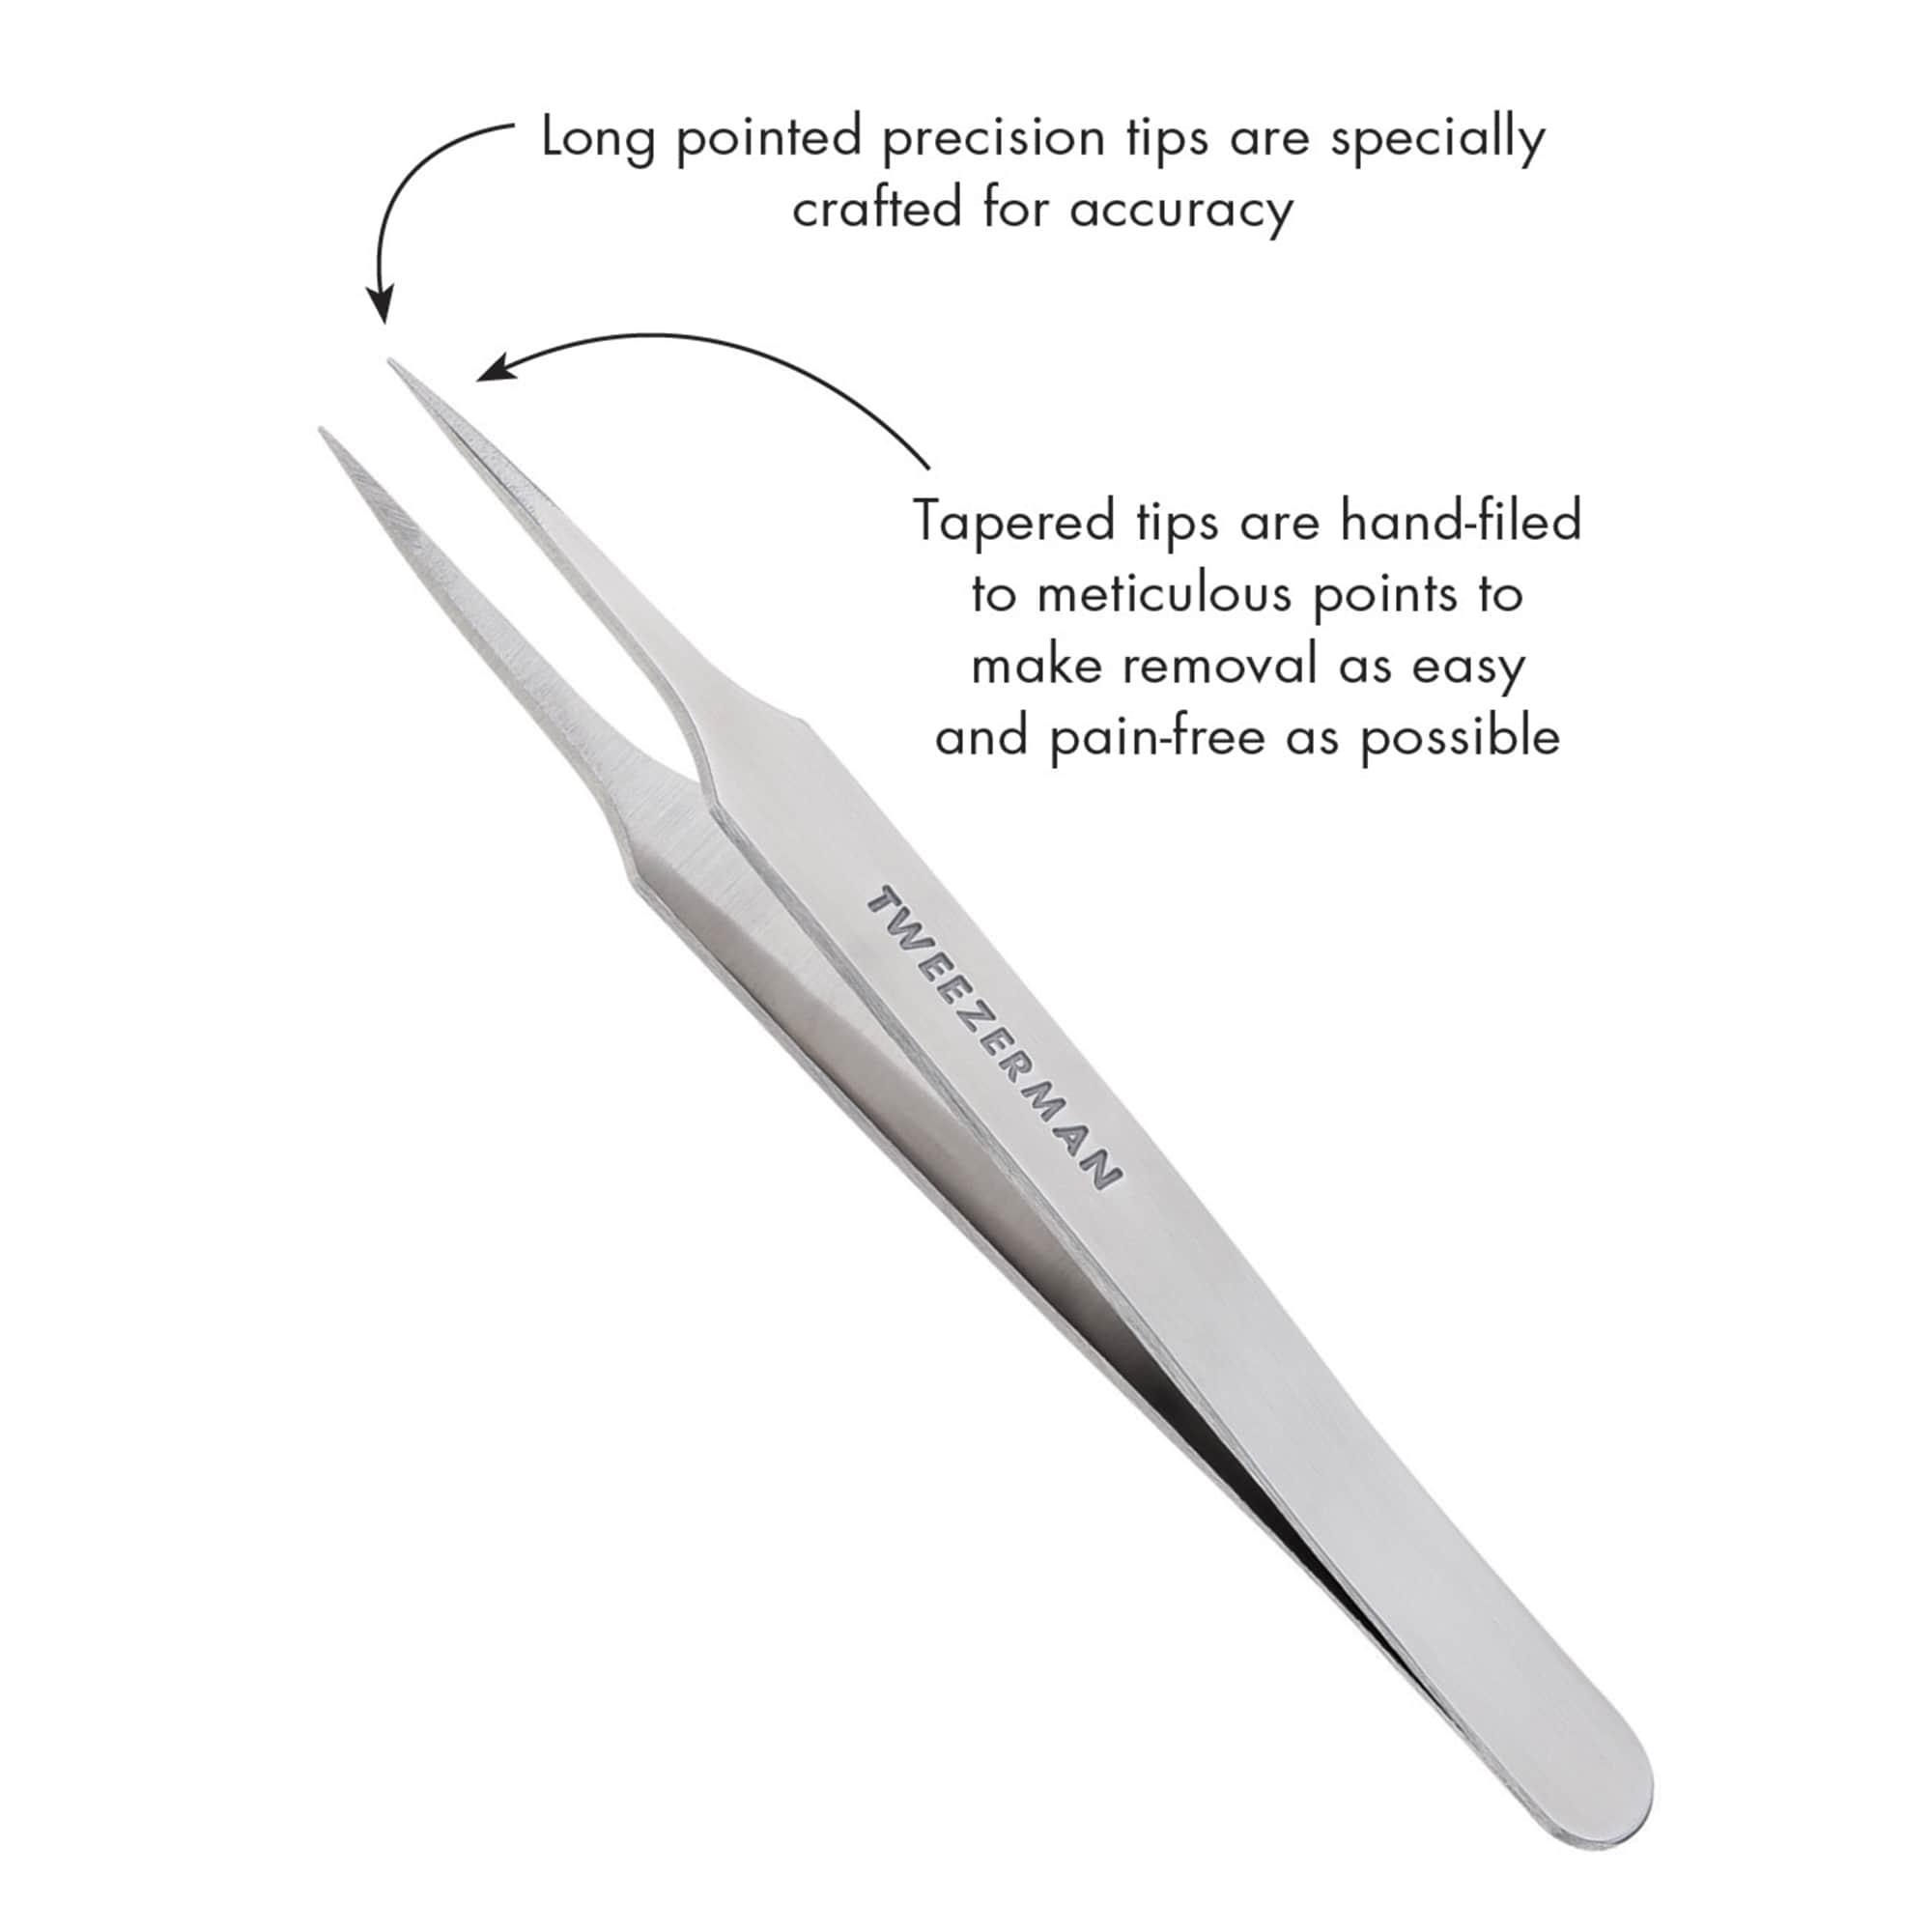 Ingrown Hair / Splintertweeze